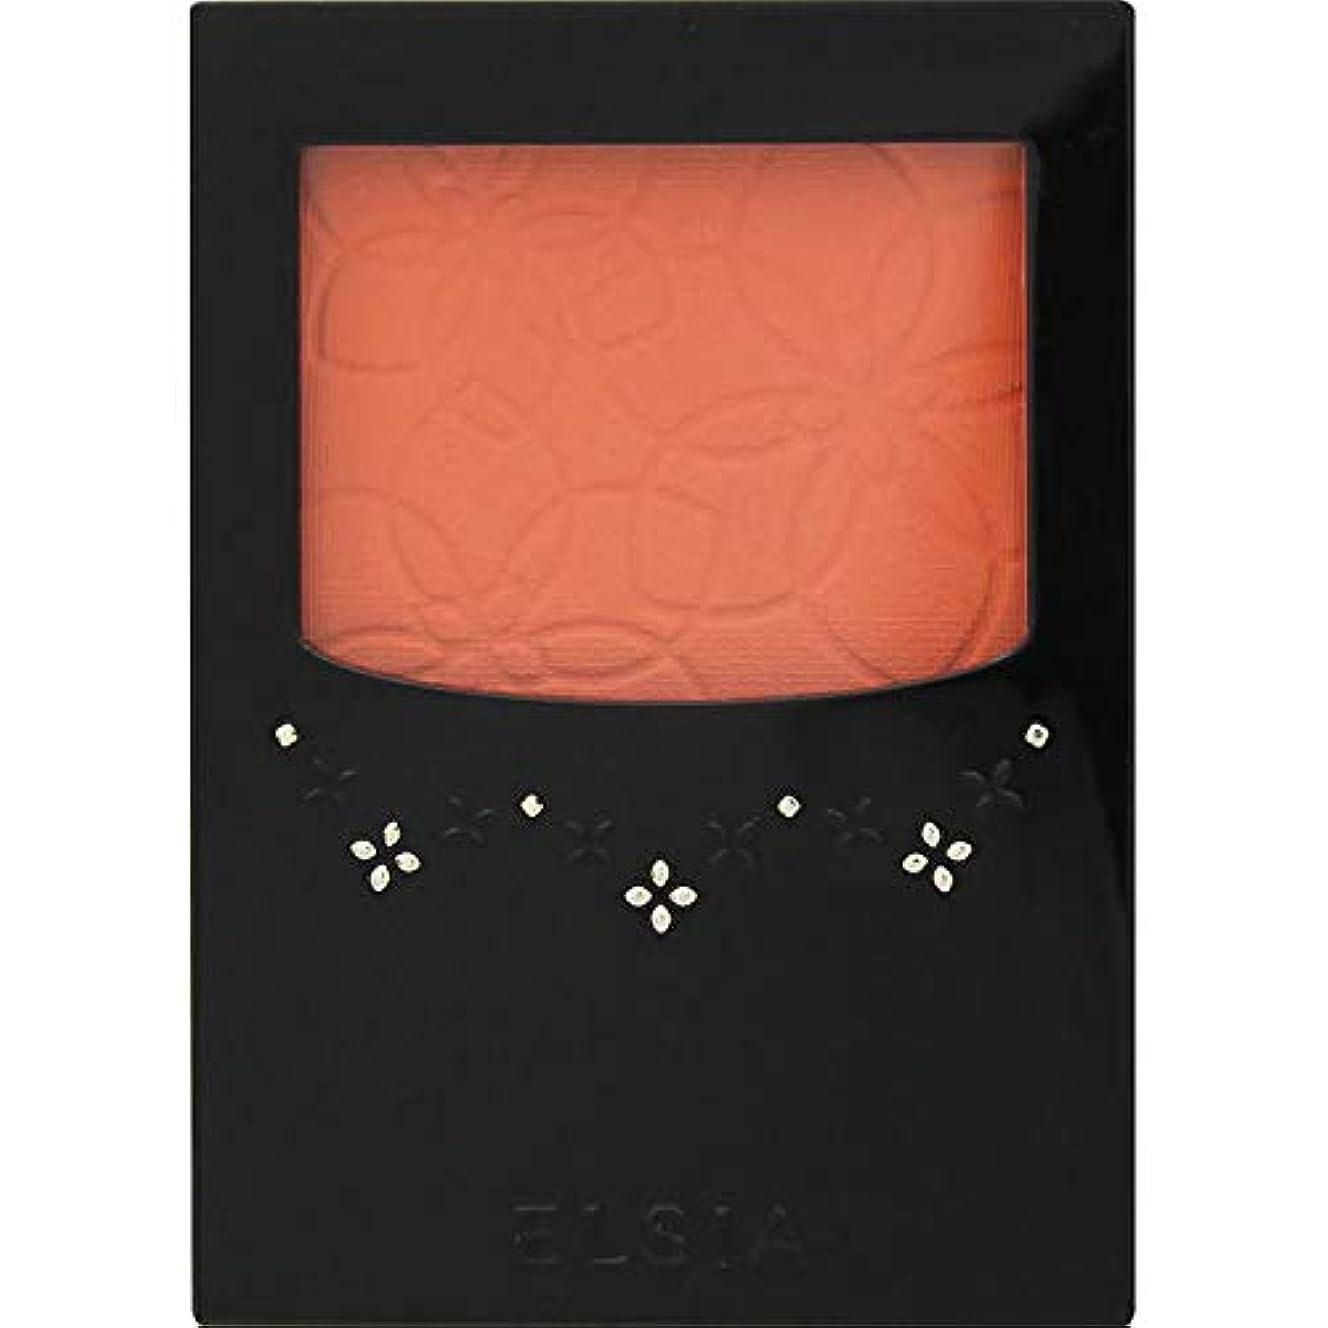 エルシア プラチナム 明るさ&血色アップ チークカラー オレンジ系 OR200 3.5g